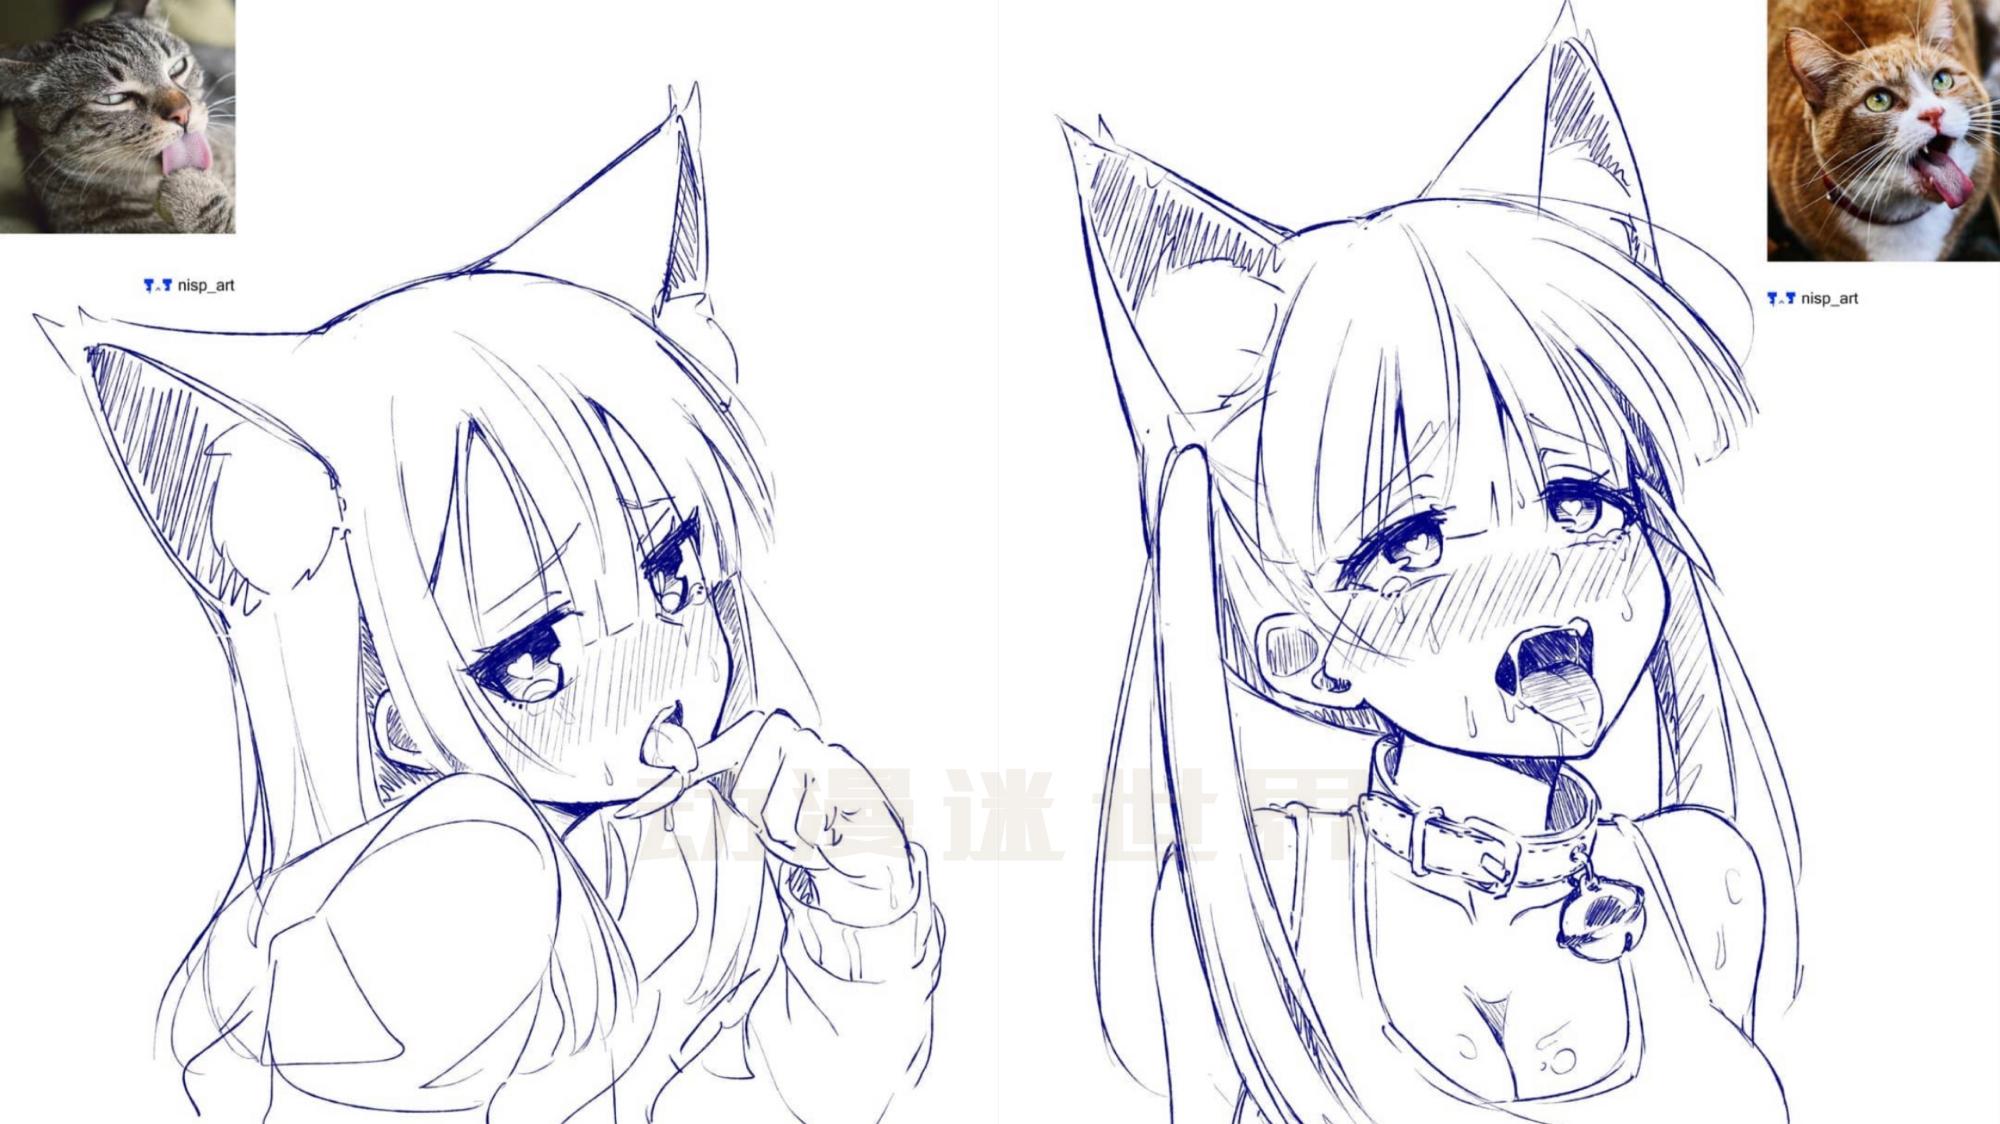 國外畫師用一根圓珠筆,把「貓咪」變成「貓娘」,紳士表示很中意